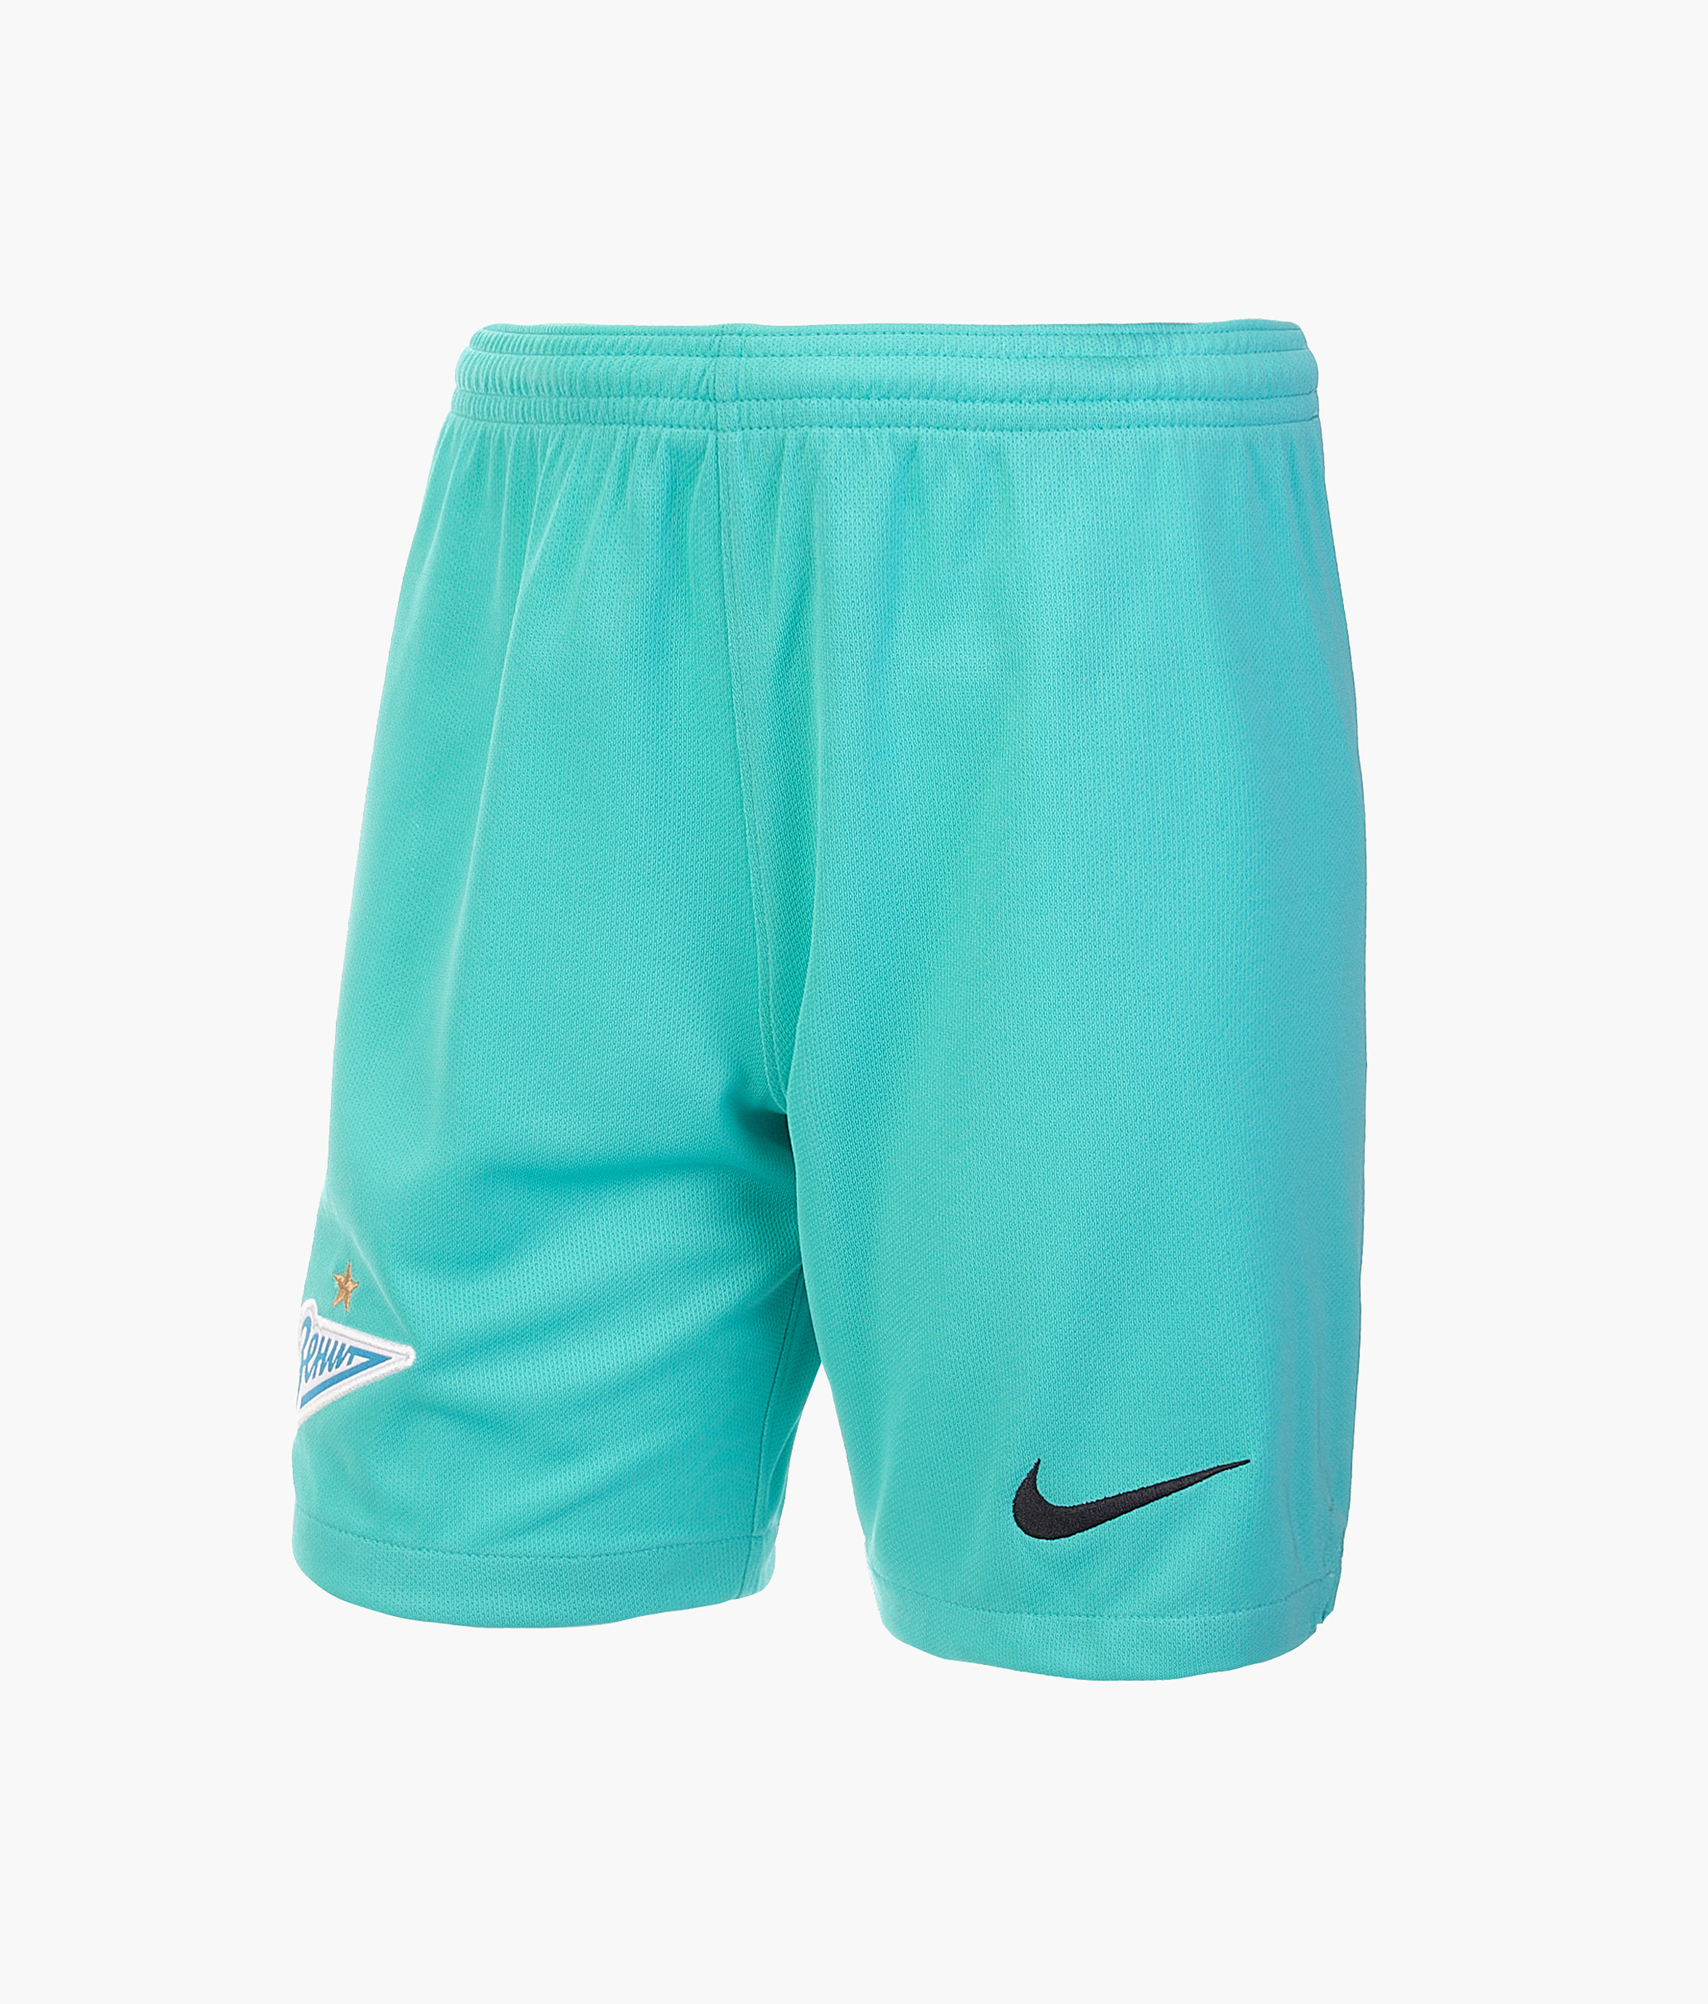 Шорты вратарские подростковые сезона 2019/2020 Nike Цвет-Зеленый